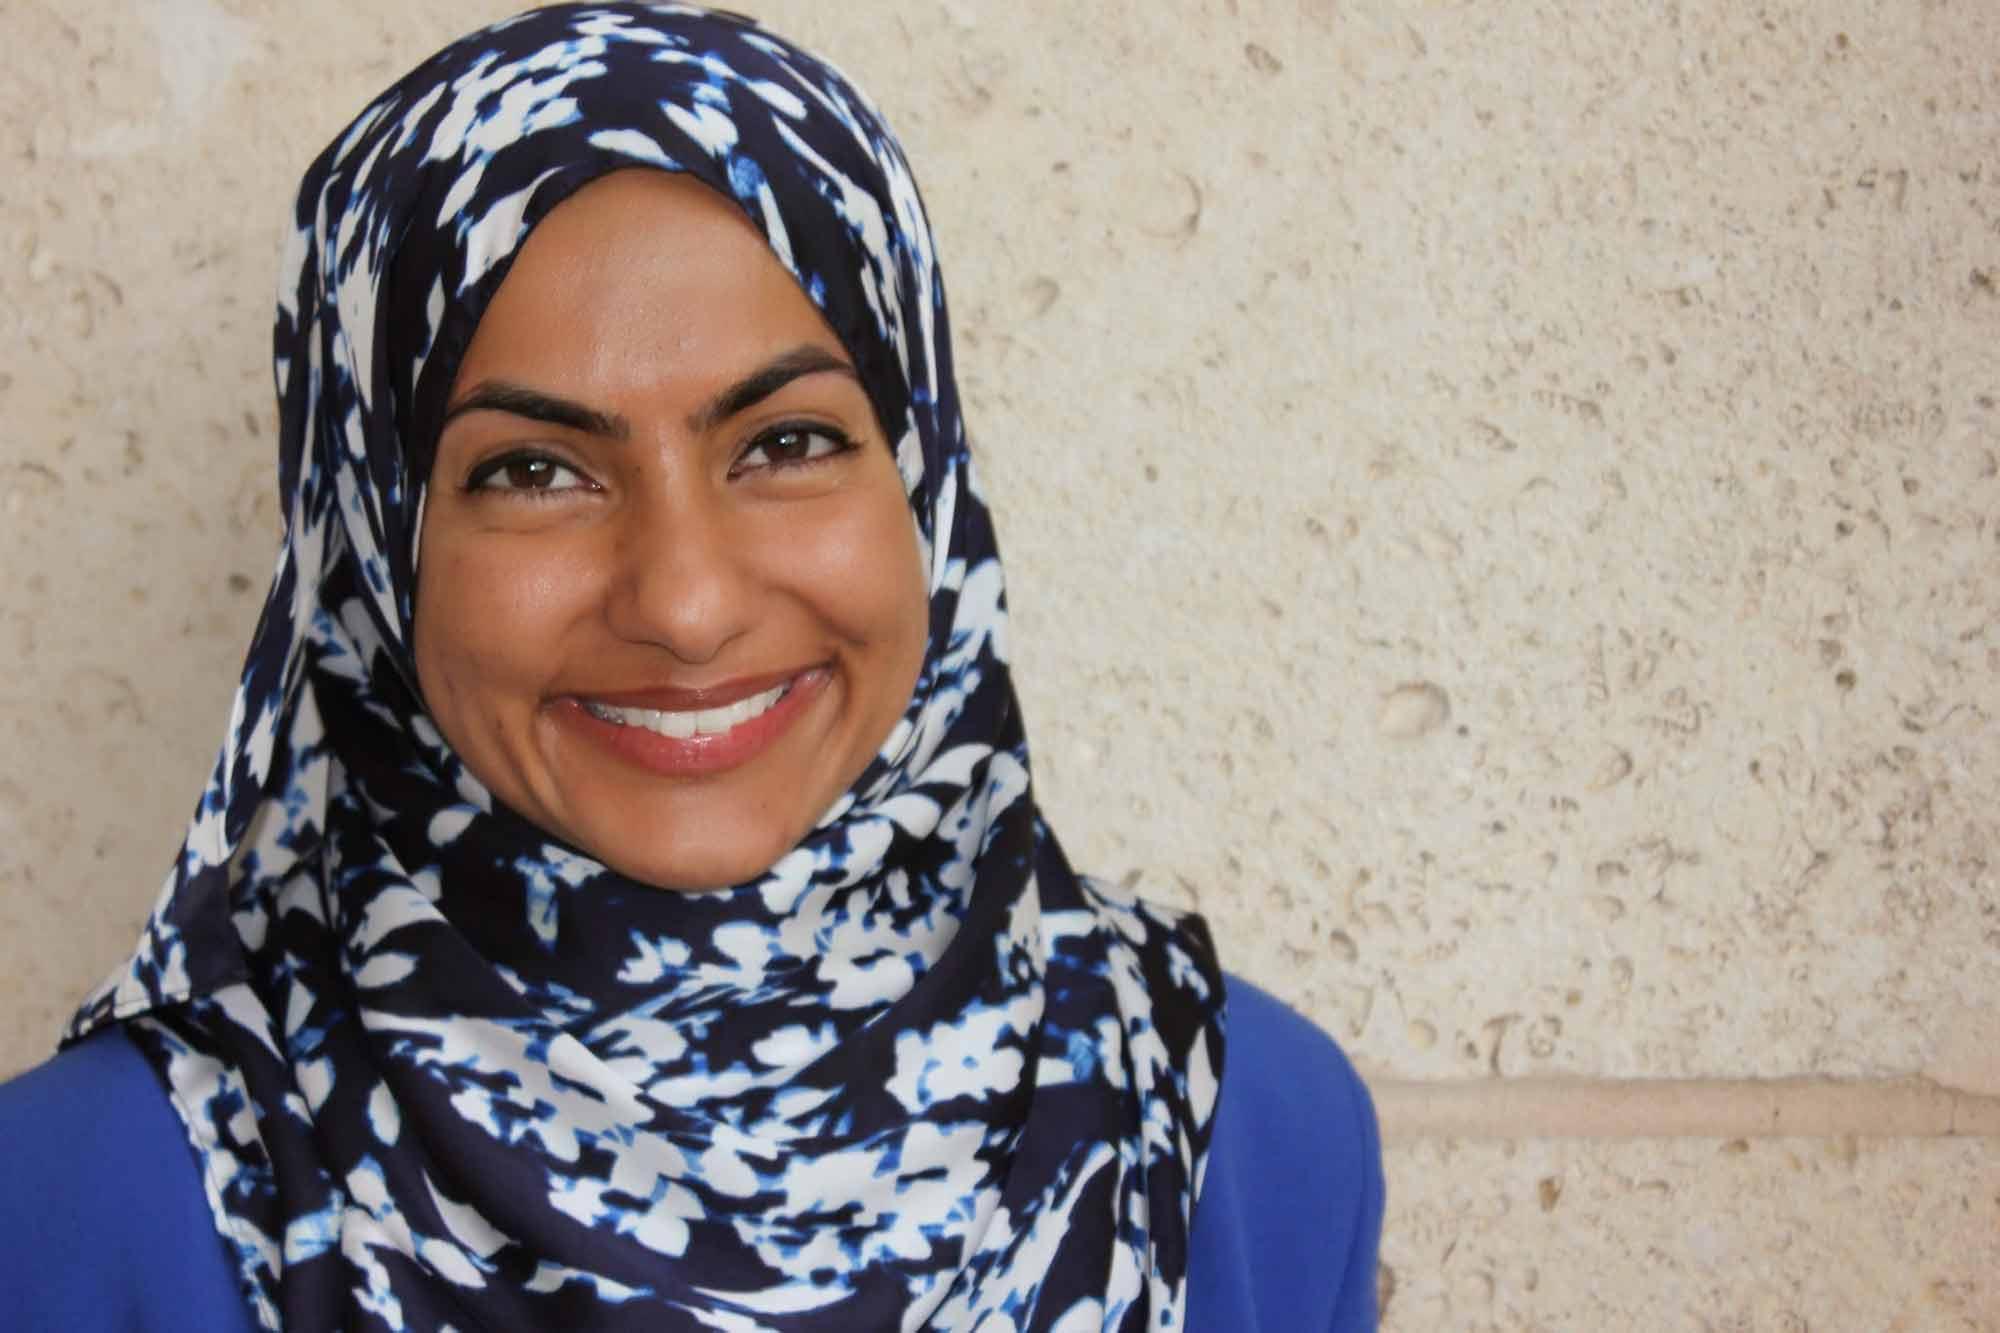 Musarat-Yusufali-LCSW-Austin-tx-dbt-therapist-portrait-4